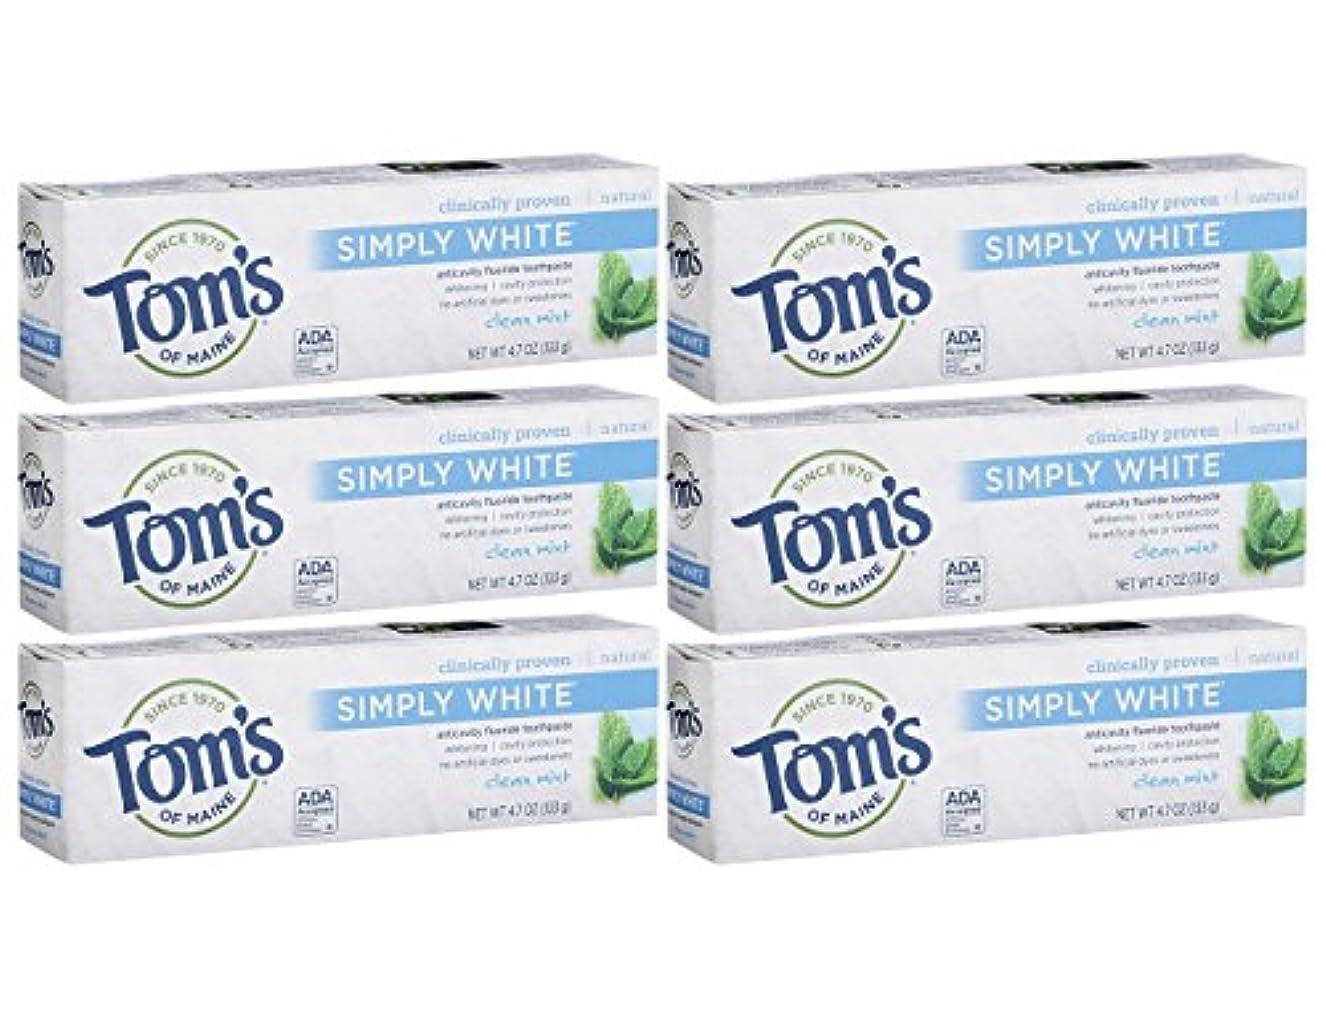 レキシコン称賛火山学者Tom's of Maine Simply White Clean Mint Toothpaste Paste, 4.7-Ounces Tubes by Tom's of Maine